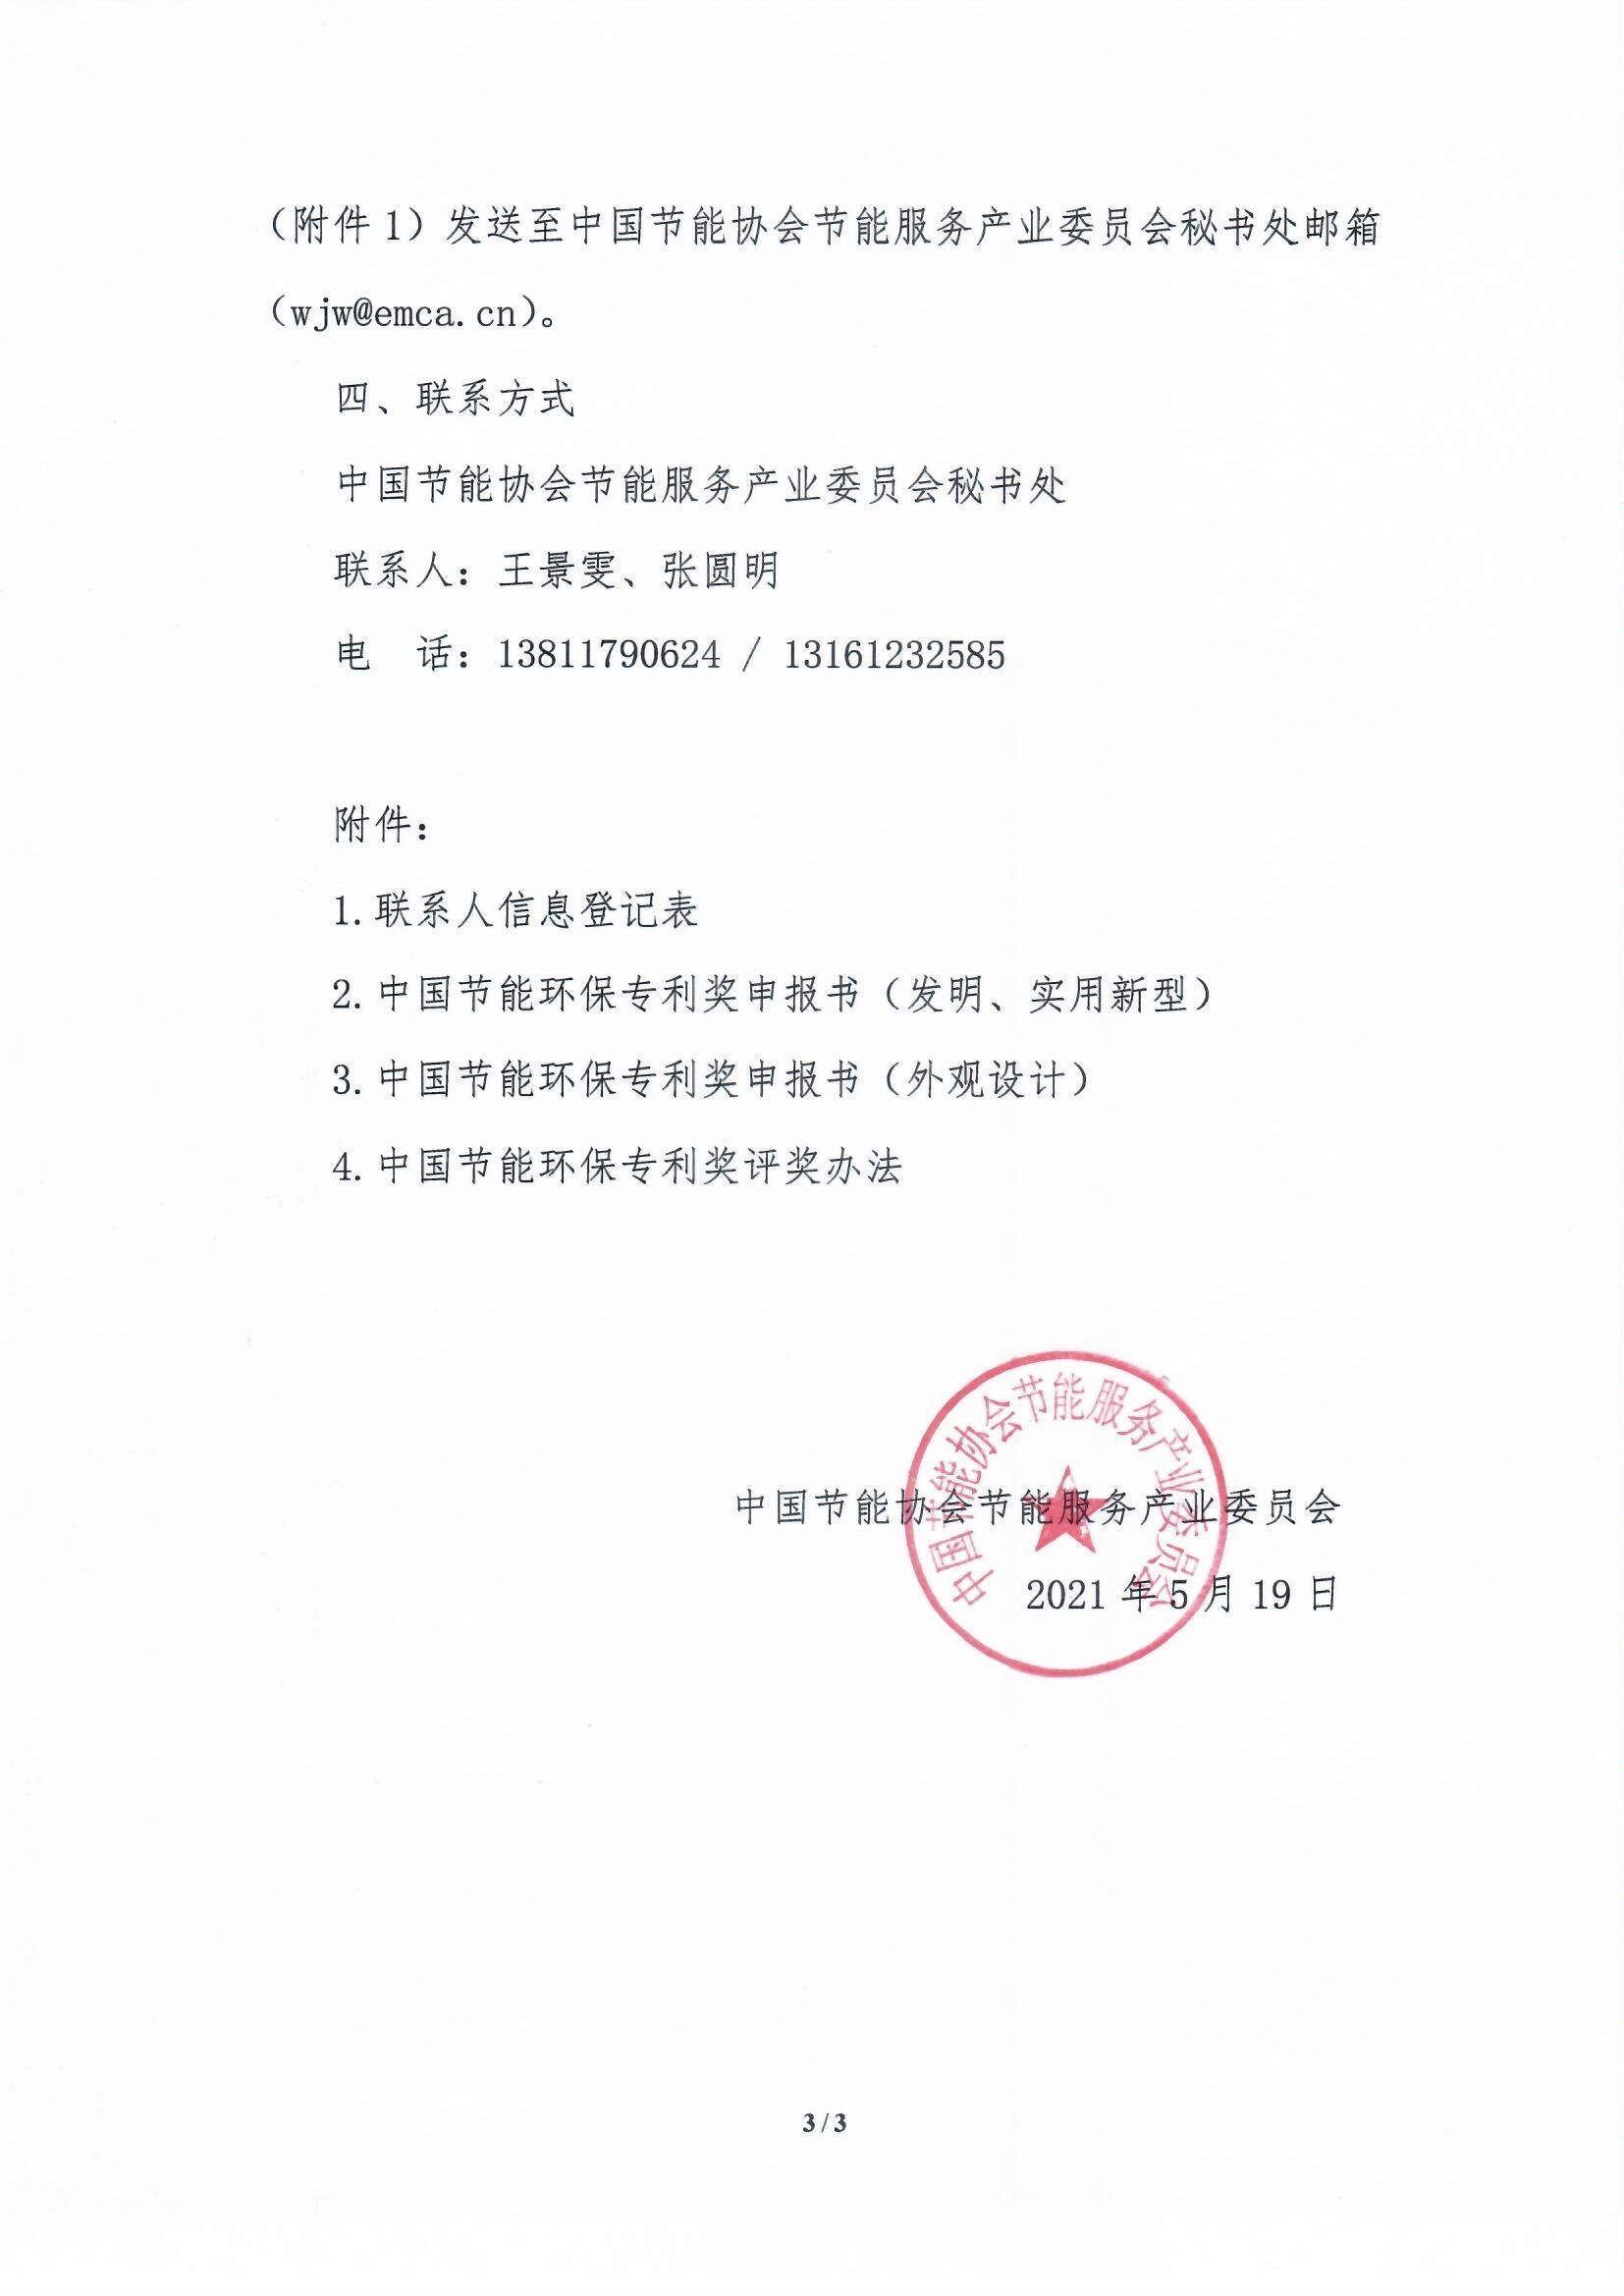 张圆明提交的印章申请202105191600000204994 环保专利奖_页面_3.jpg